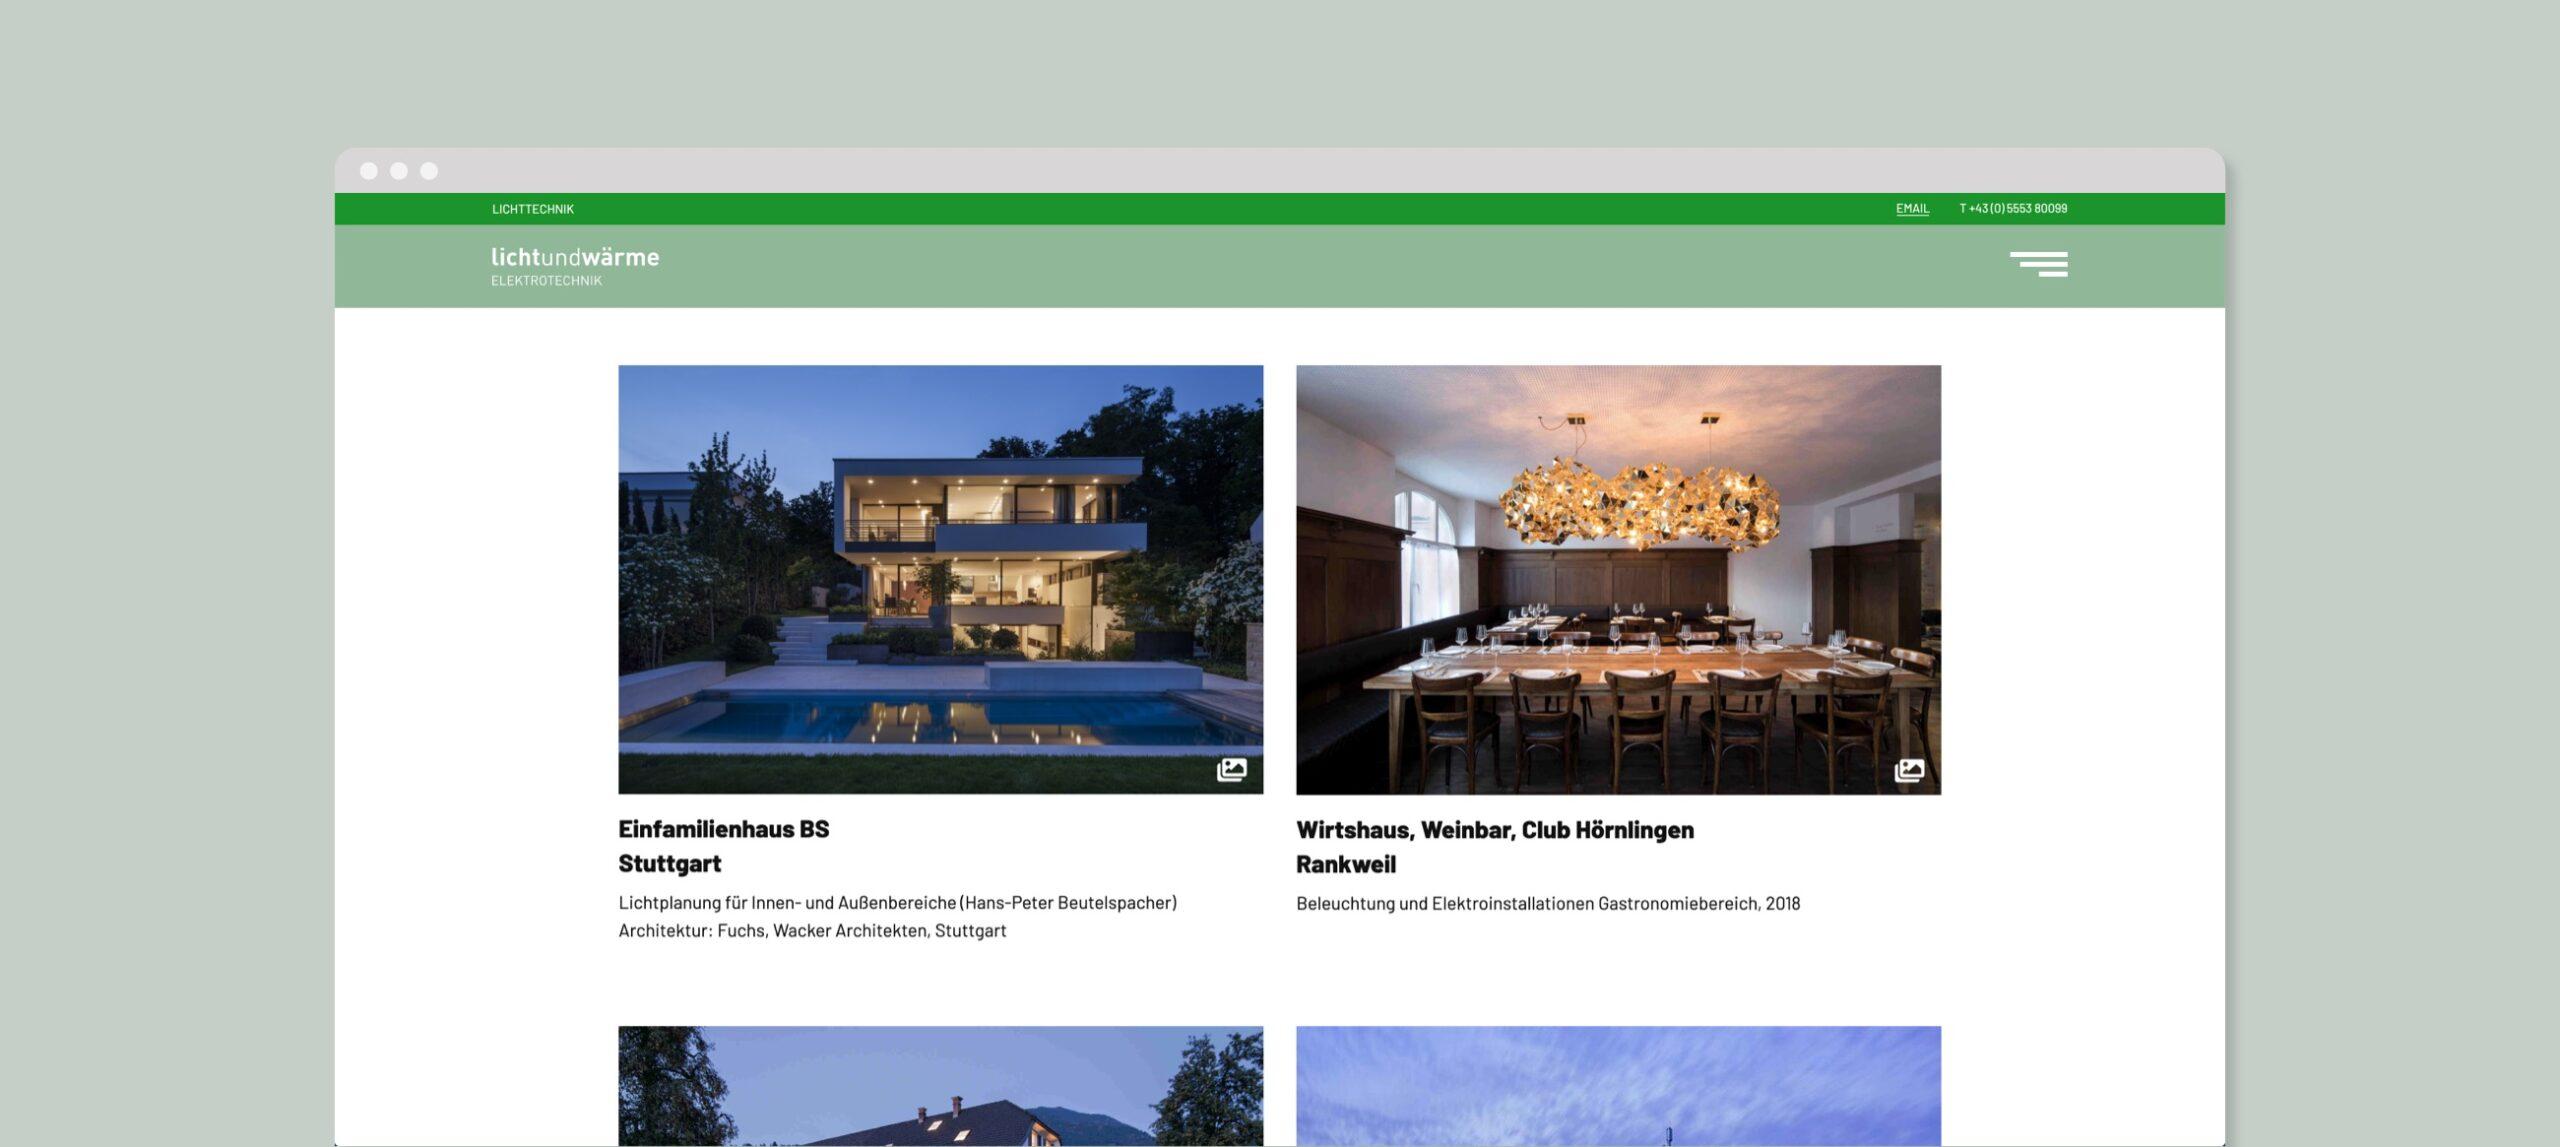 LichtundWärme Webseite Übersicht Projekte